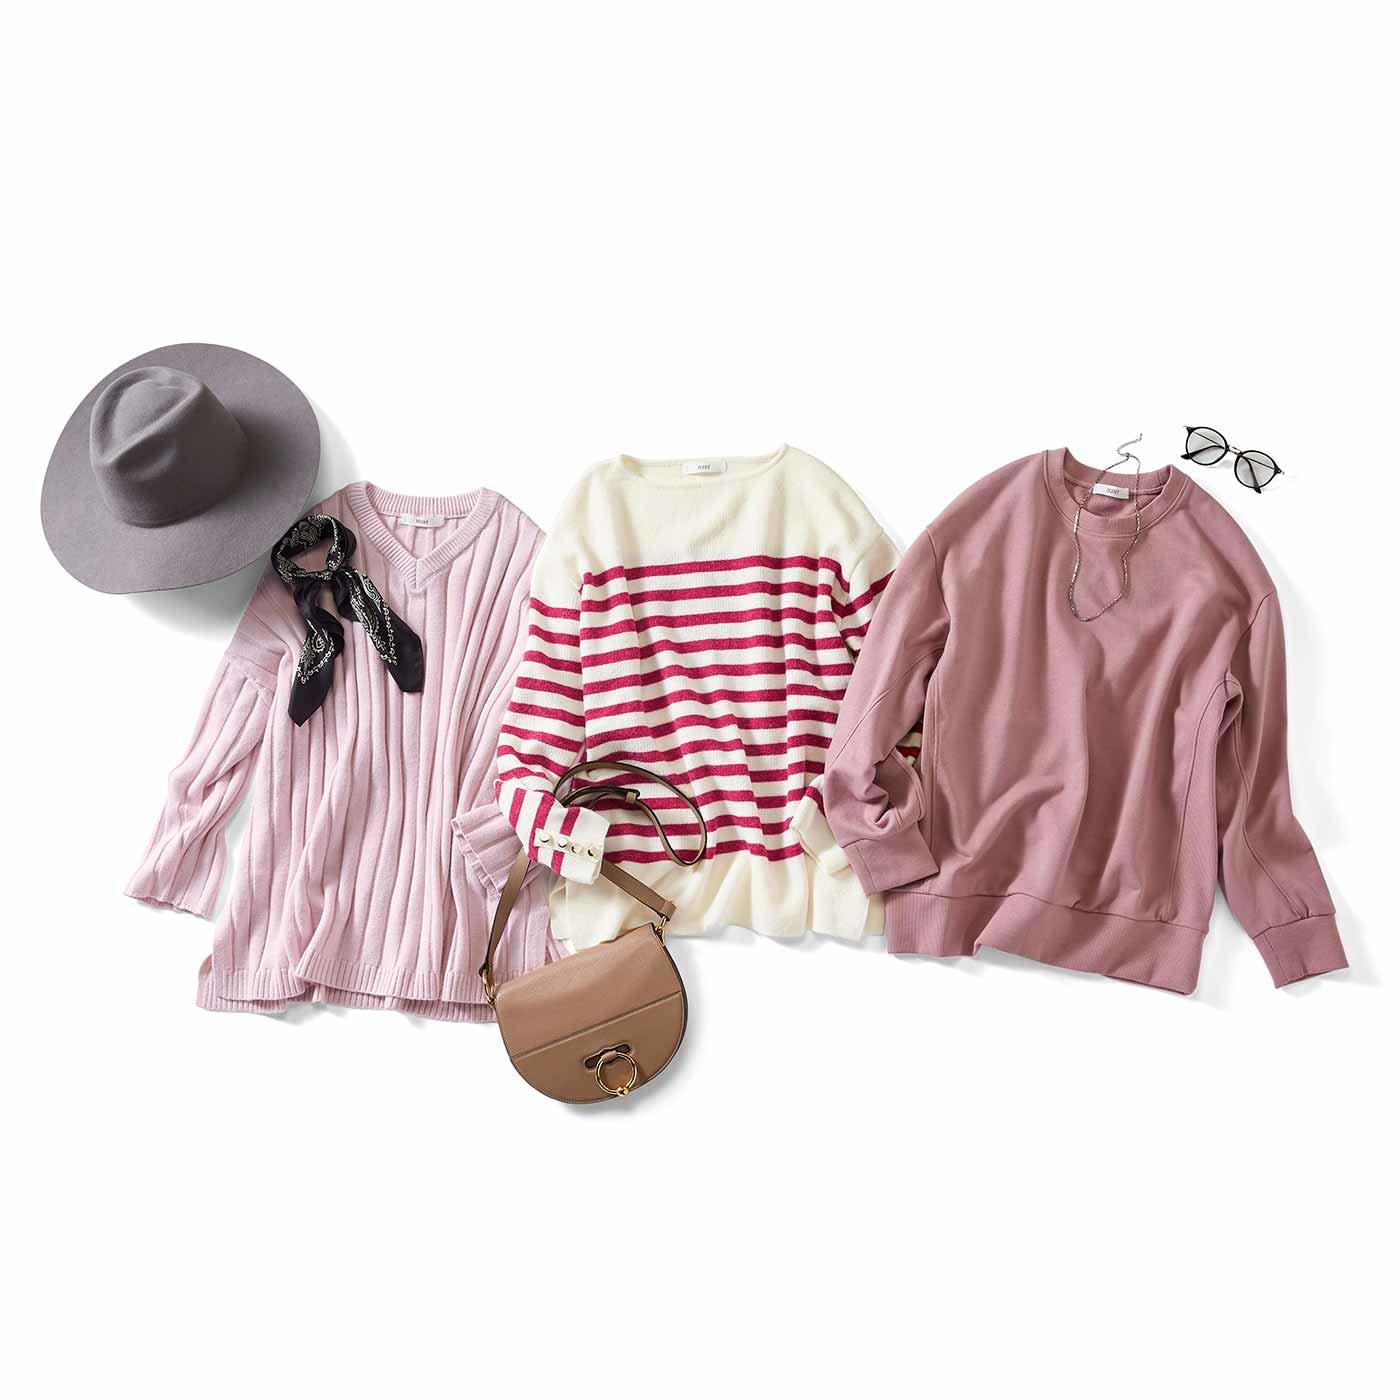 IEDIT[イディット] ピンクをハンサムに着こなす デザイントップスの会